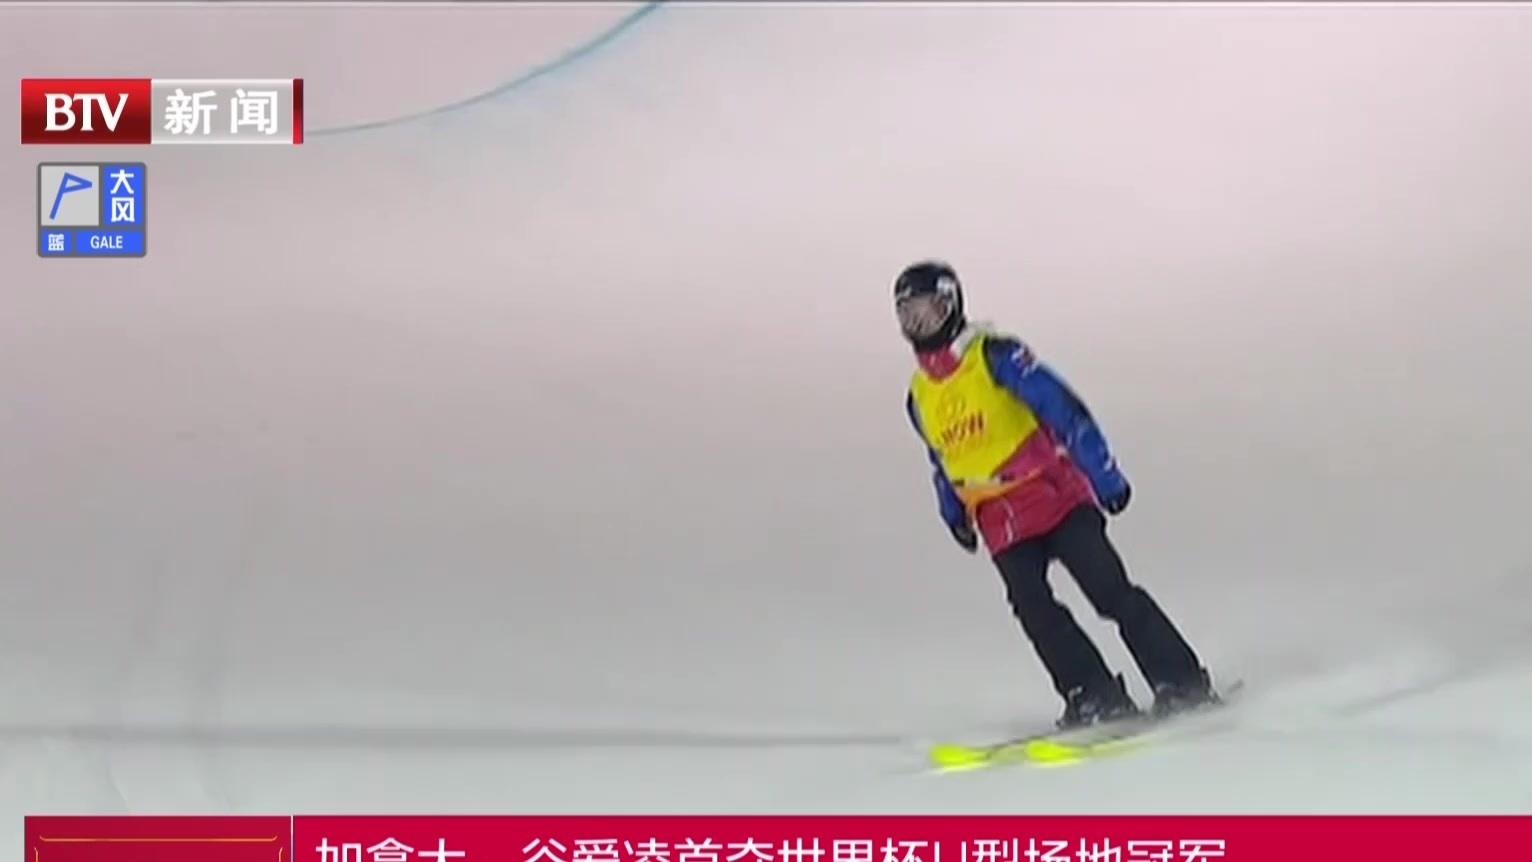 国际雪联自由式滑雪世界杯:加拿大——谷爱凌首夺世界杯U型场地冠军